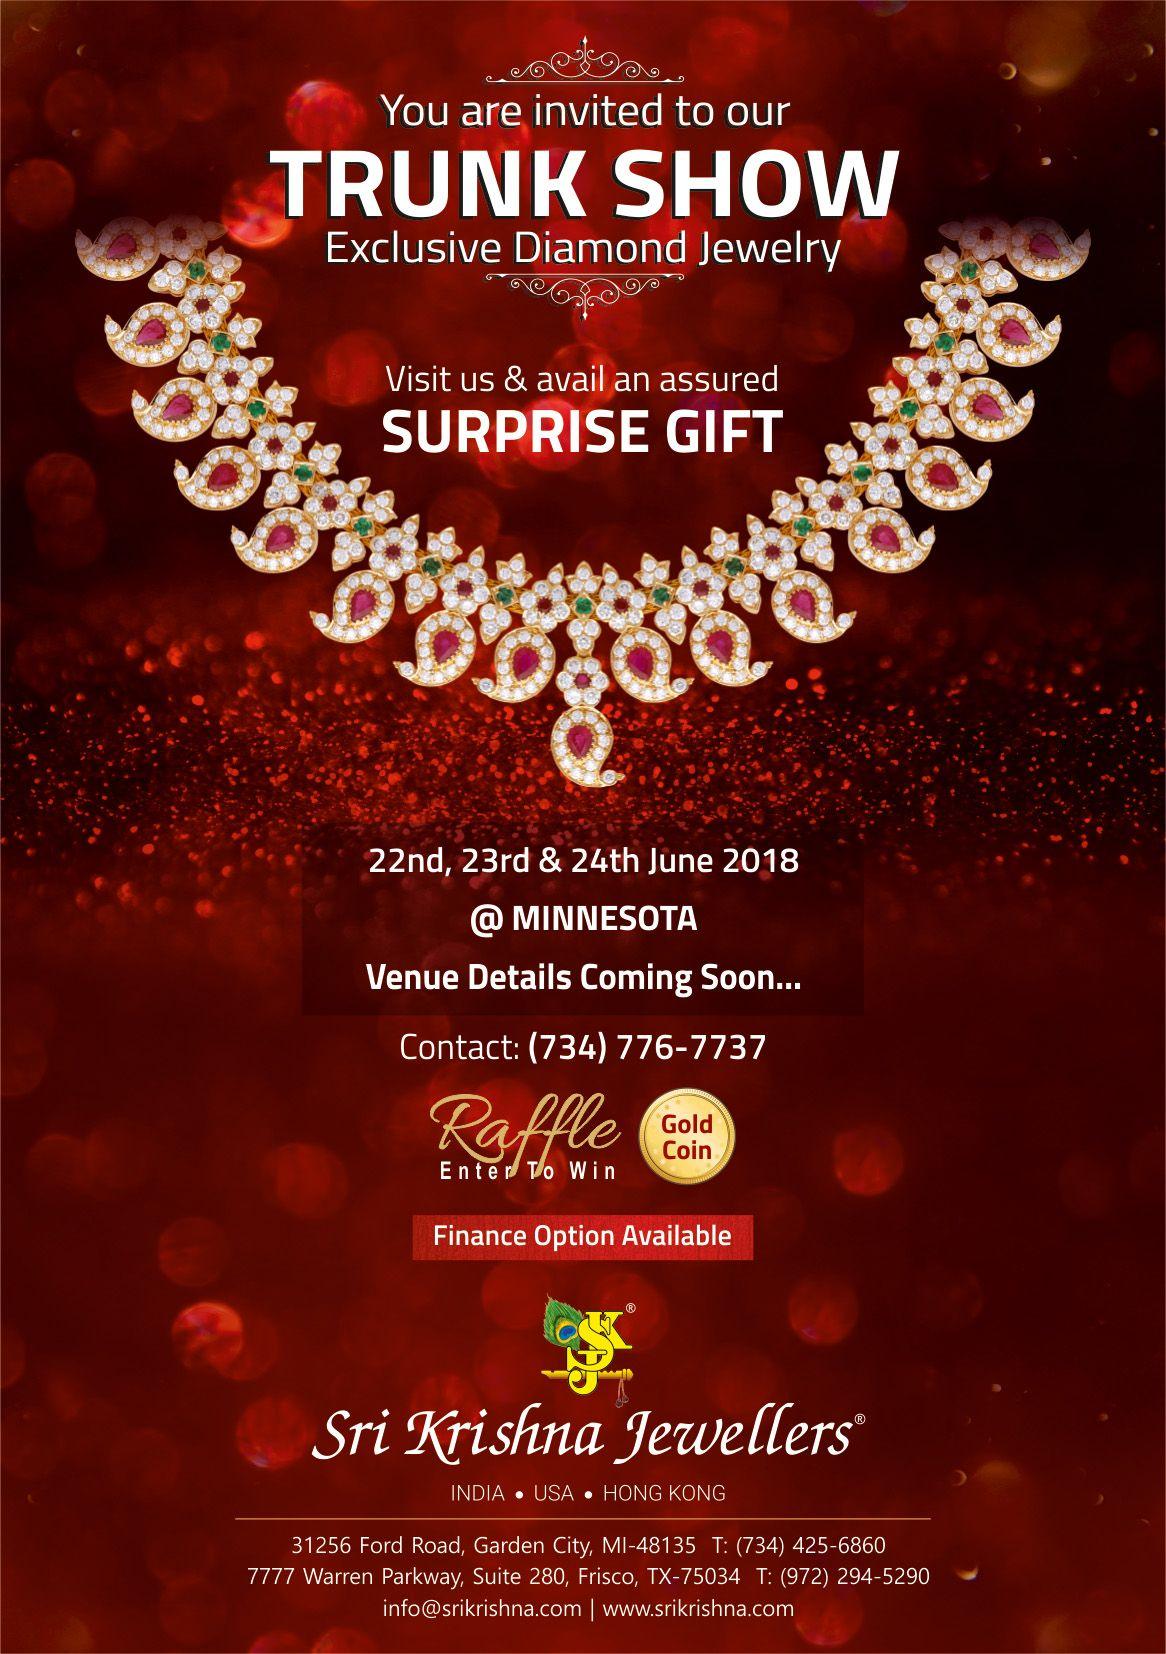 Sri Krishna Jewellers - Trunk Show in Minnesota: Exclusive Diamond Jewelry